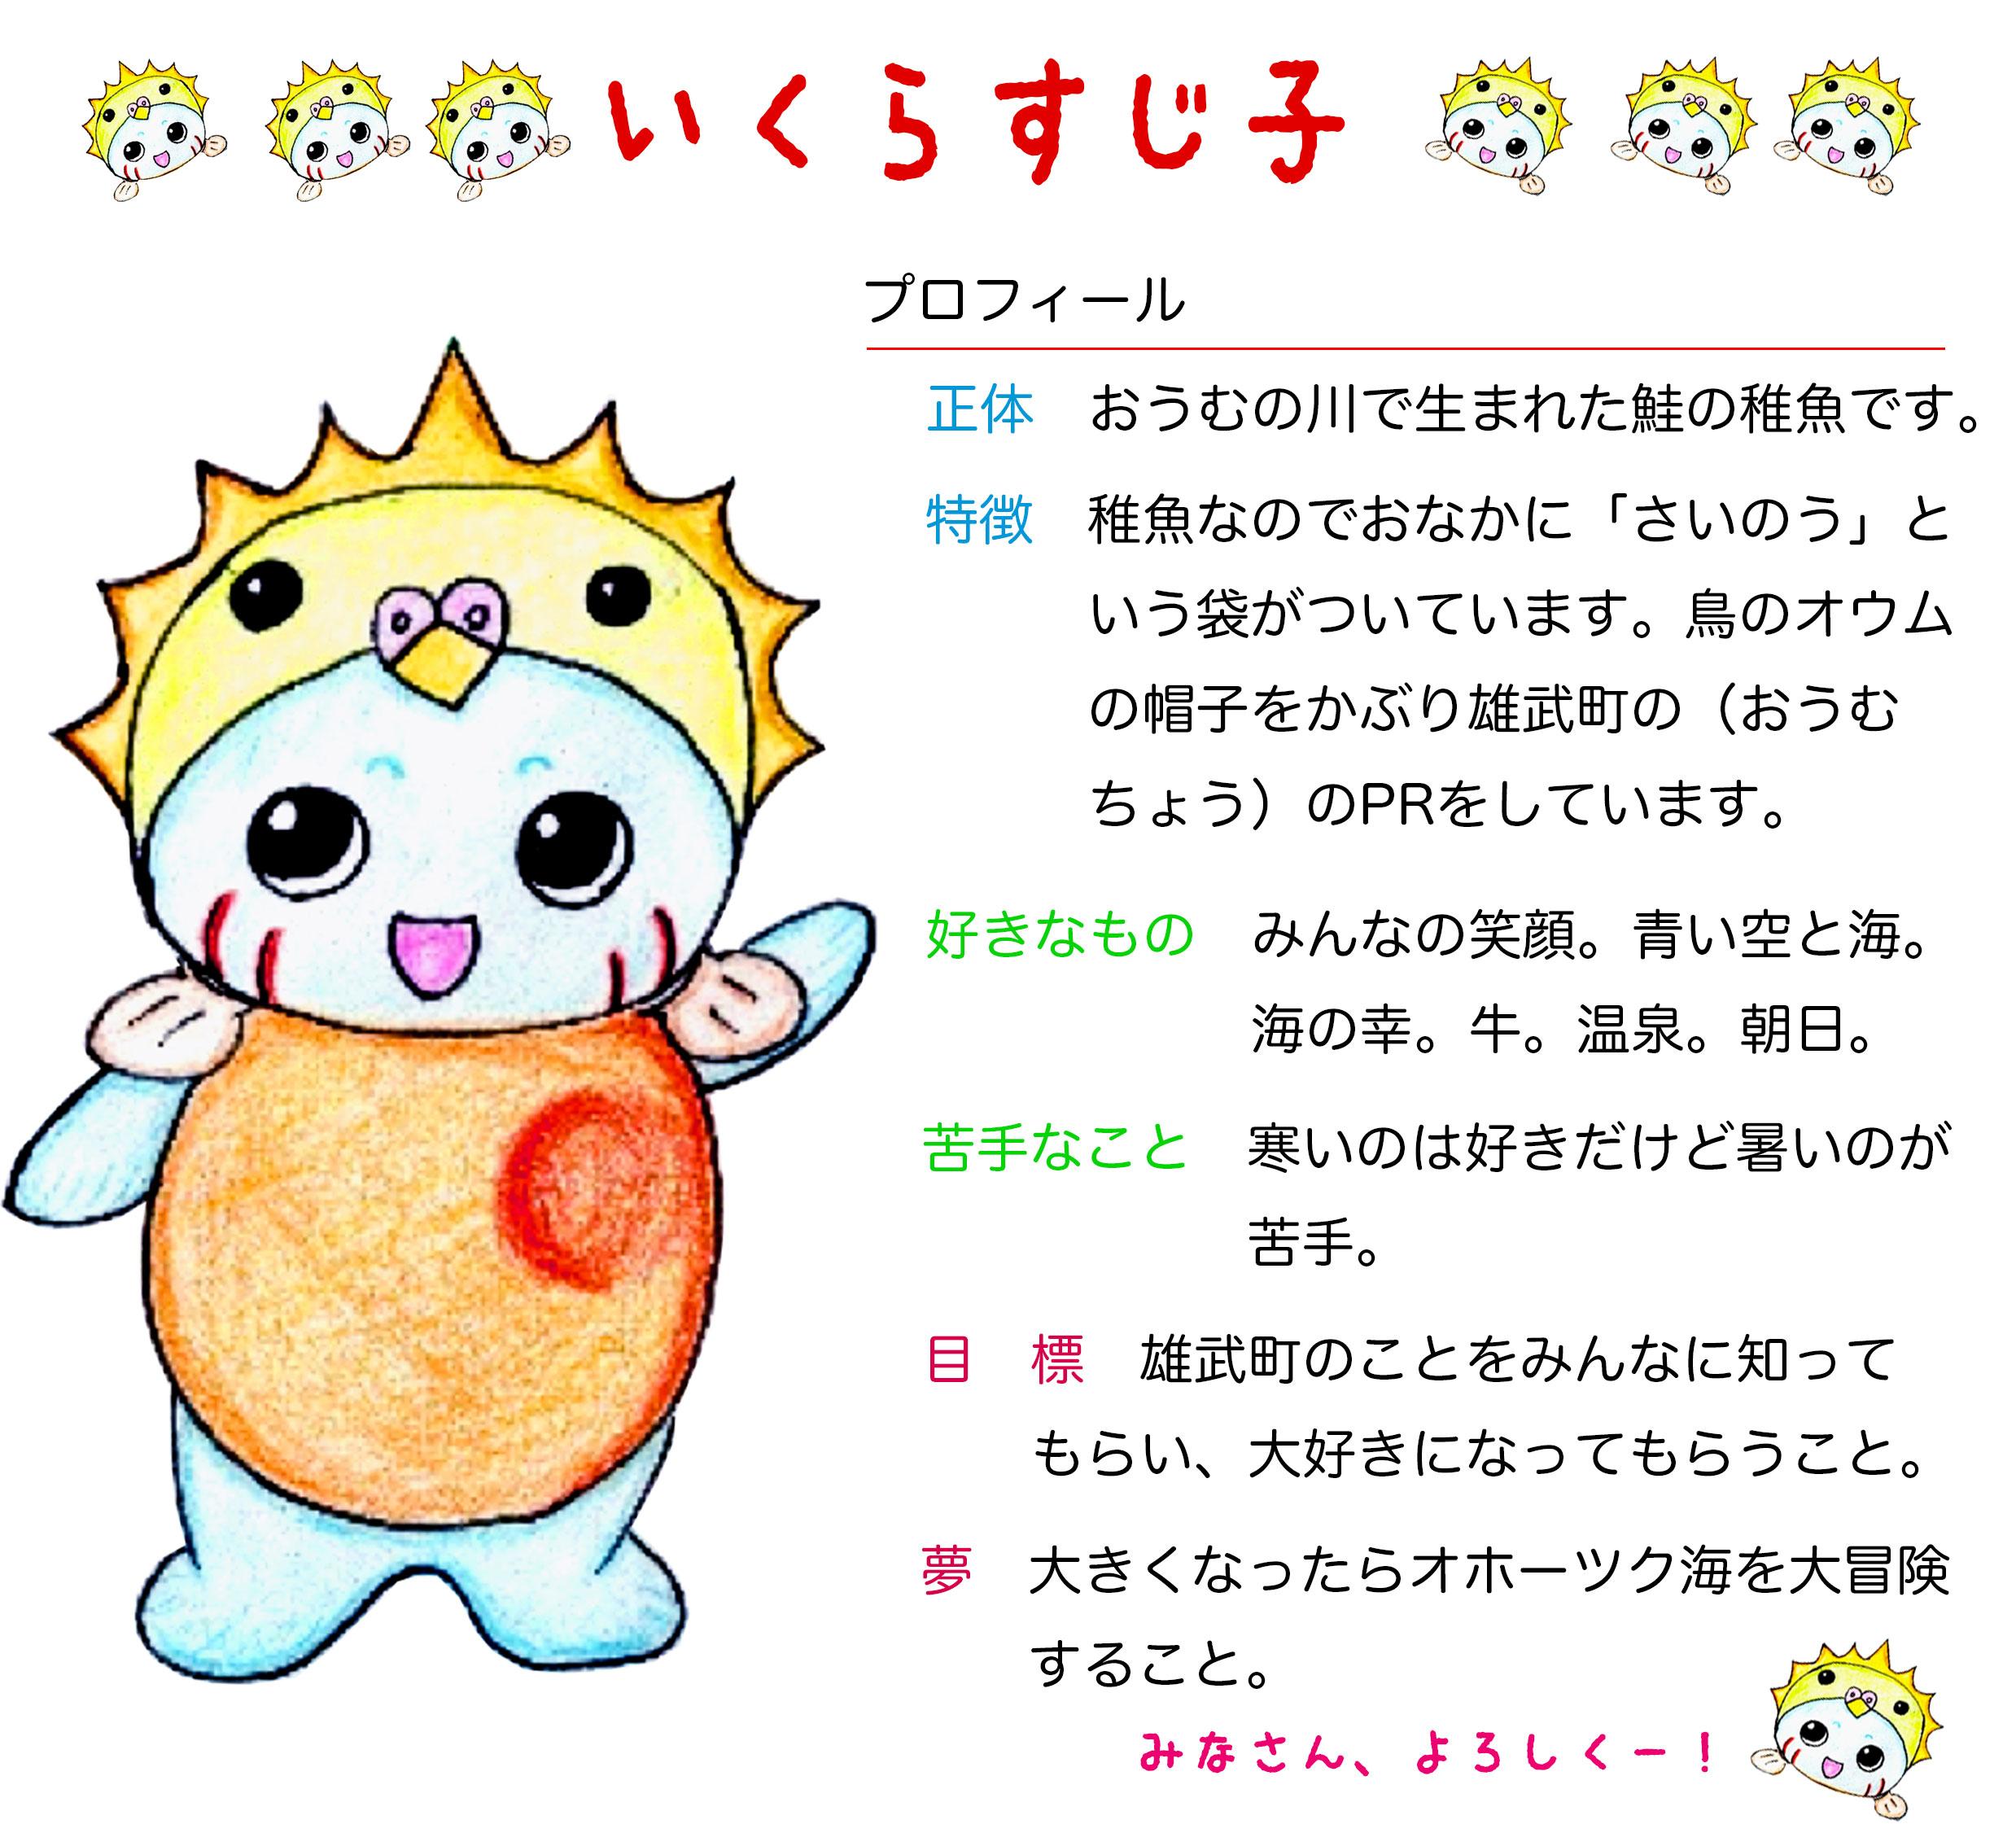 ikurasujiko_guide